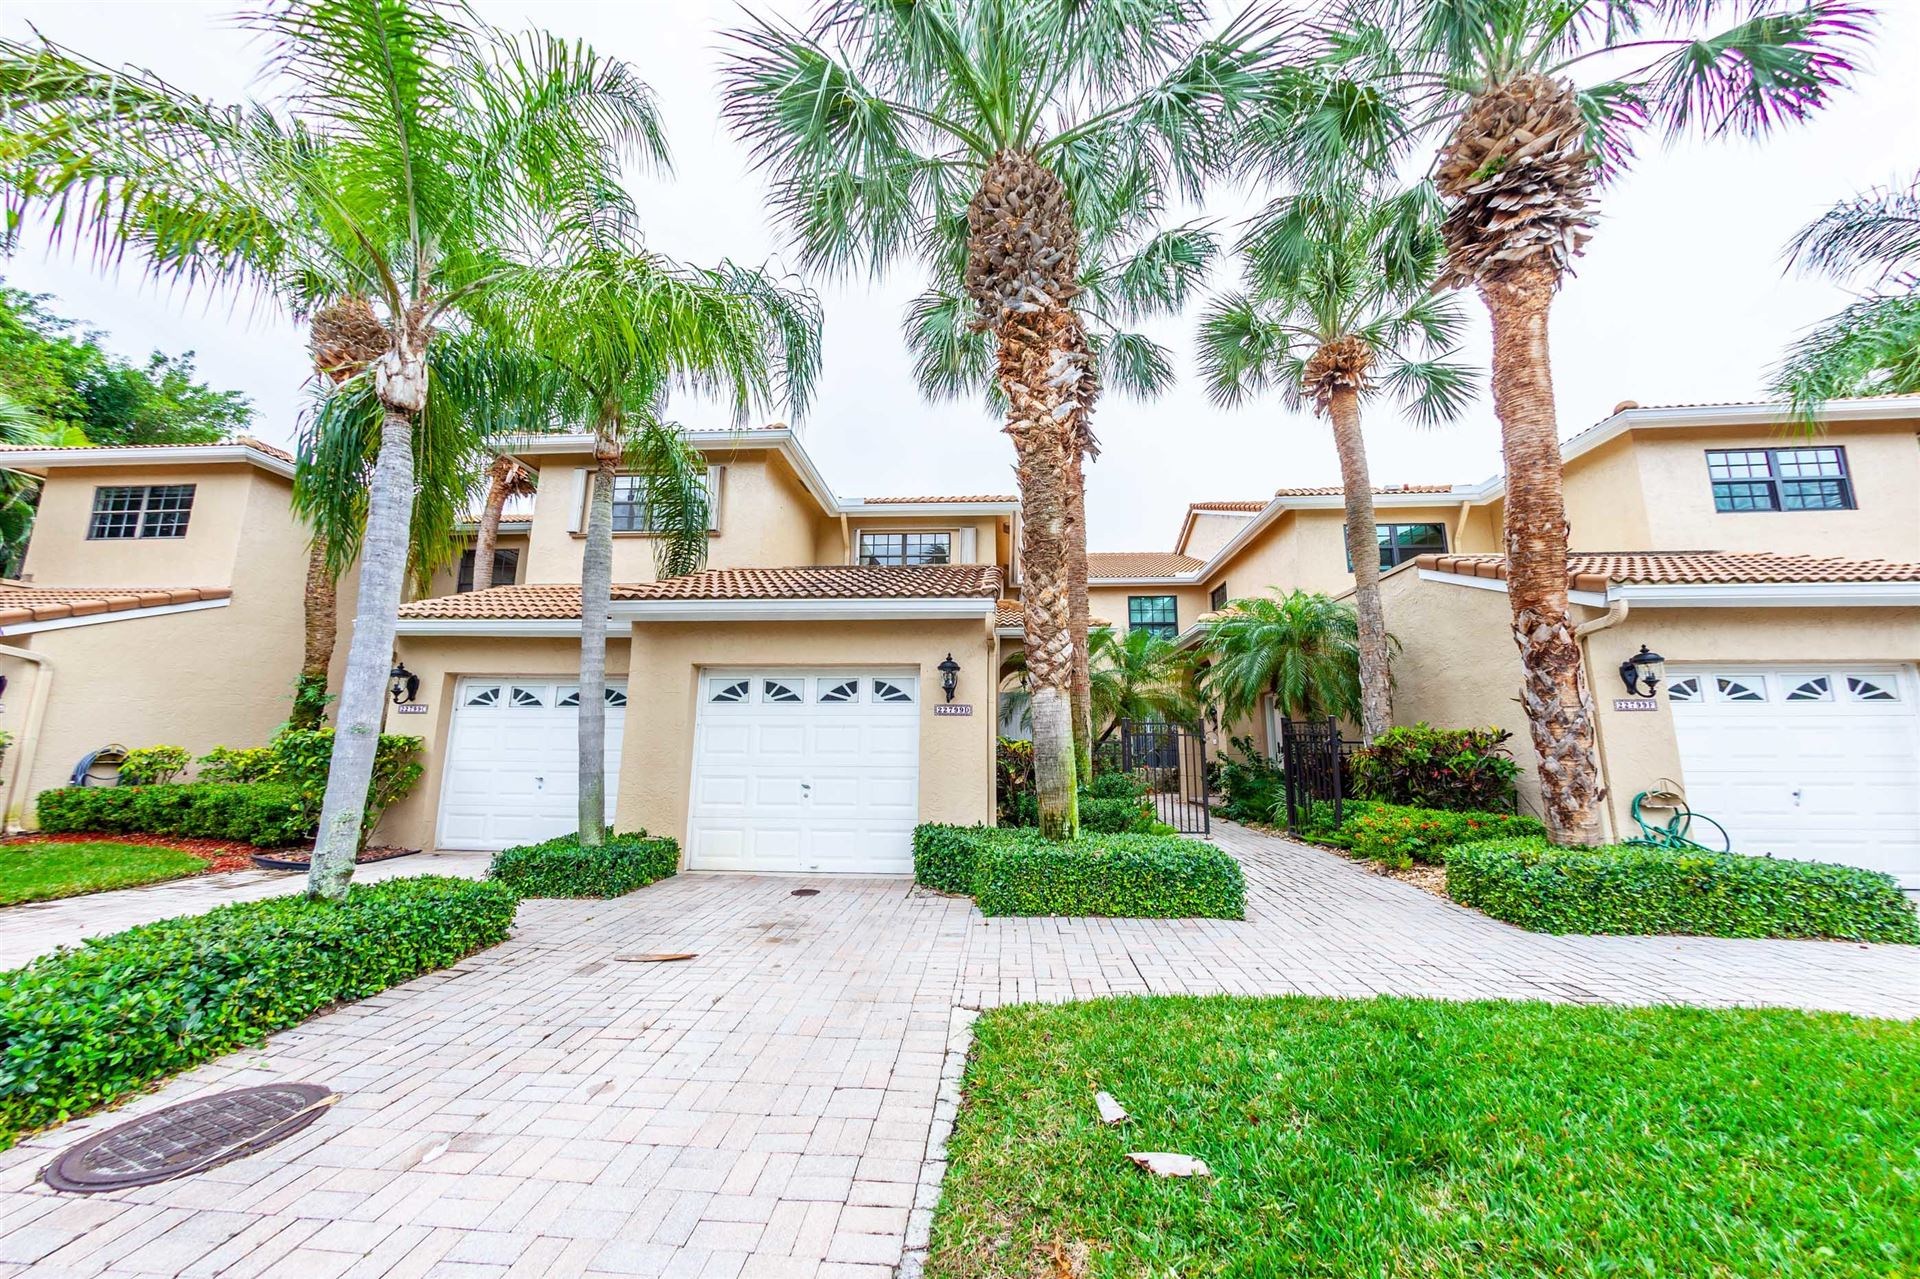 22799 Trelawny Terrace #D, Boca Raton, FL 33433 - #: RX-10684613